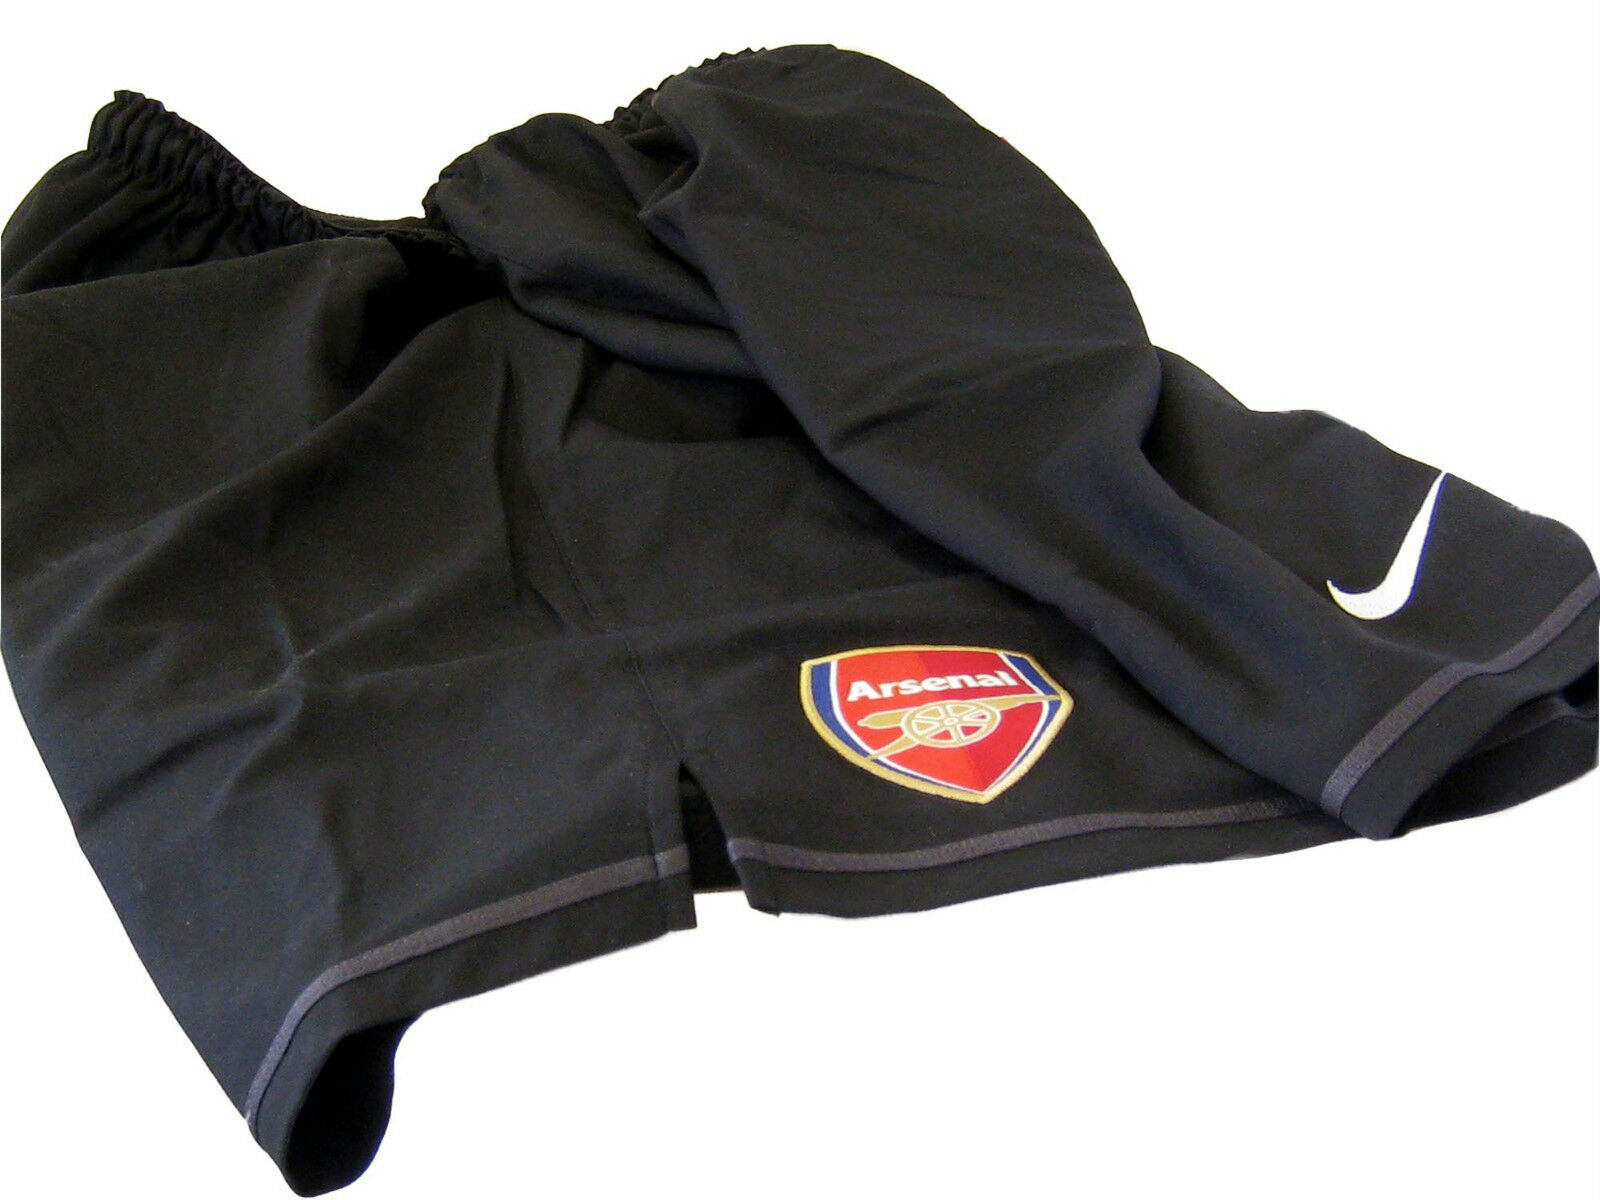 Nuovo Nike Arsenal Pantaloncini da Calcio Ufficiale Portiere Nero XXL